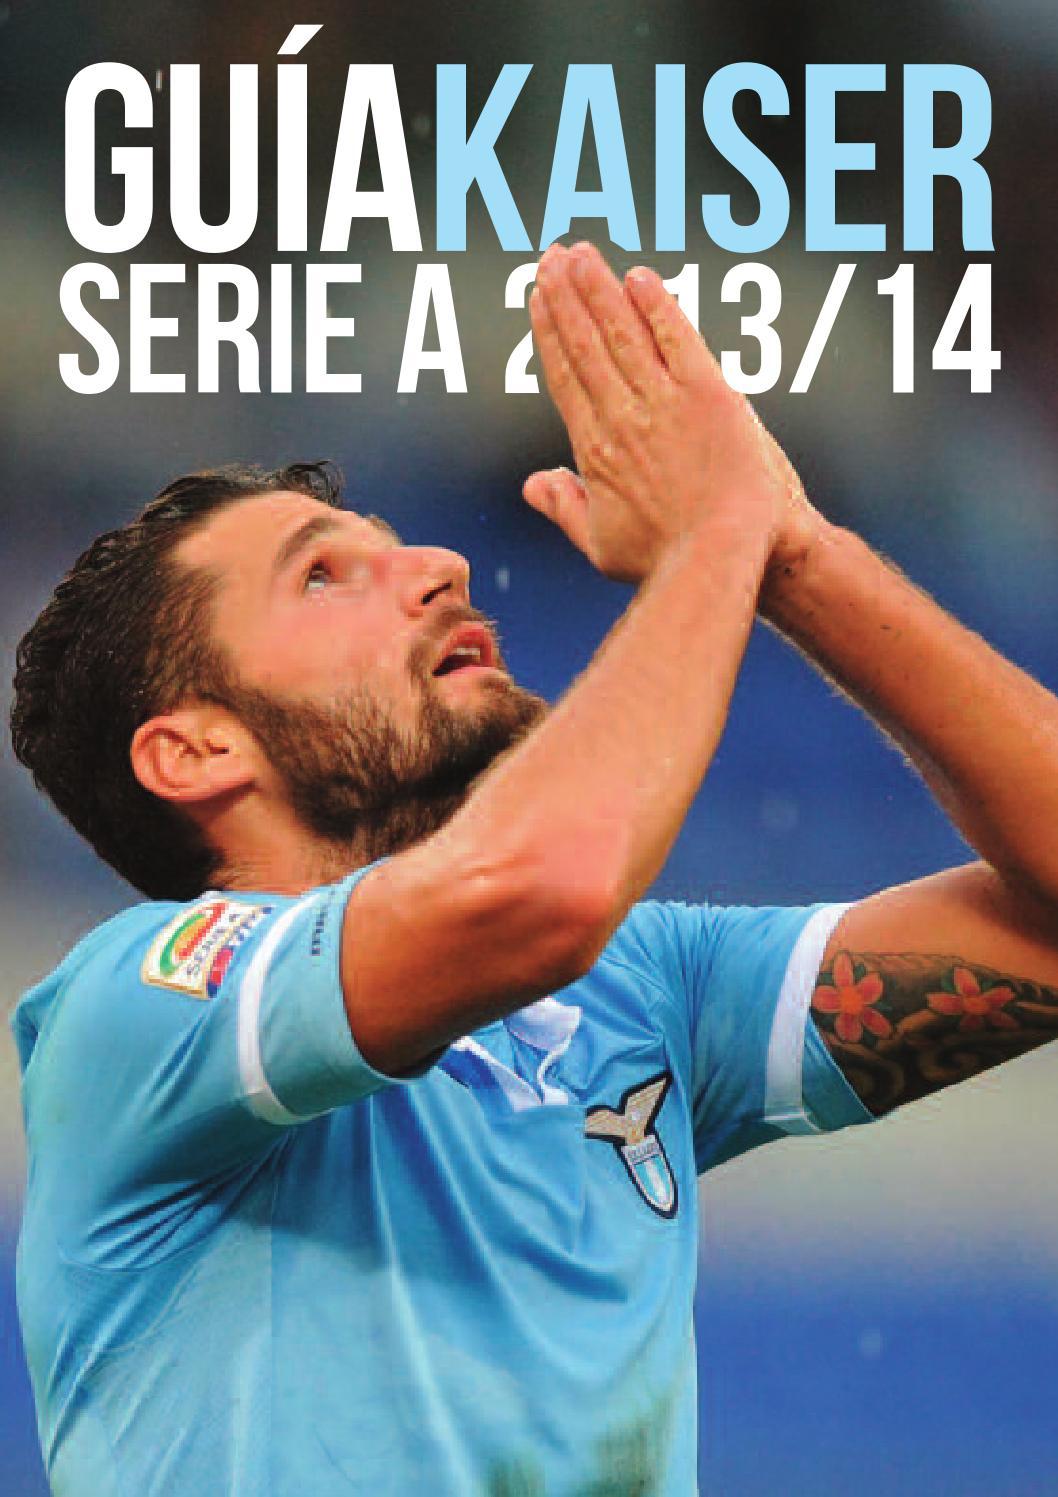 Guia Kaiser Serie A 2013/14 by Kaiser Football - Issuu